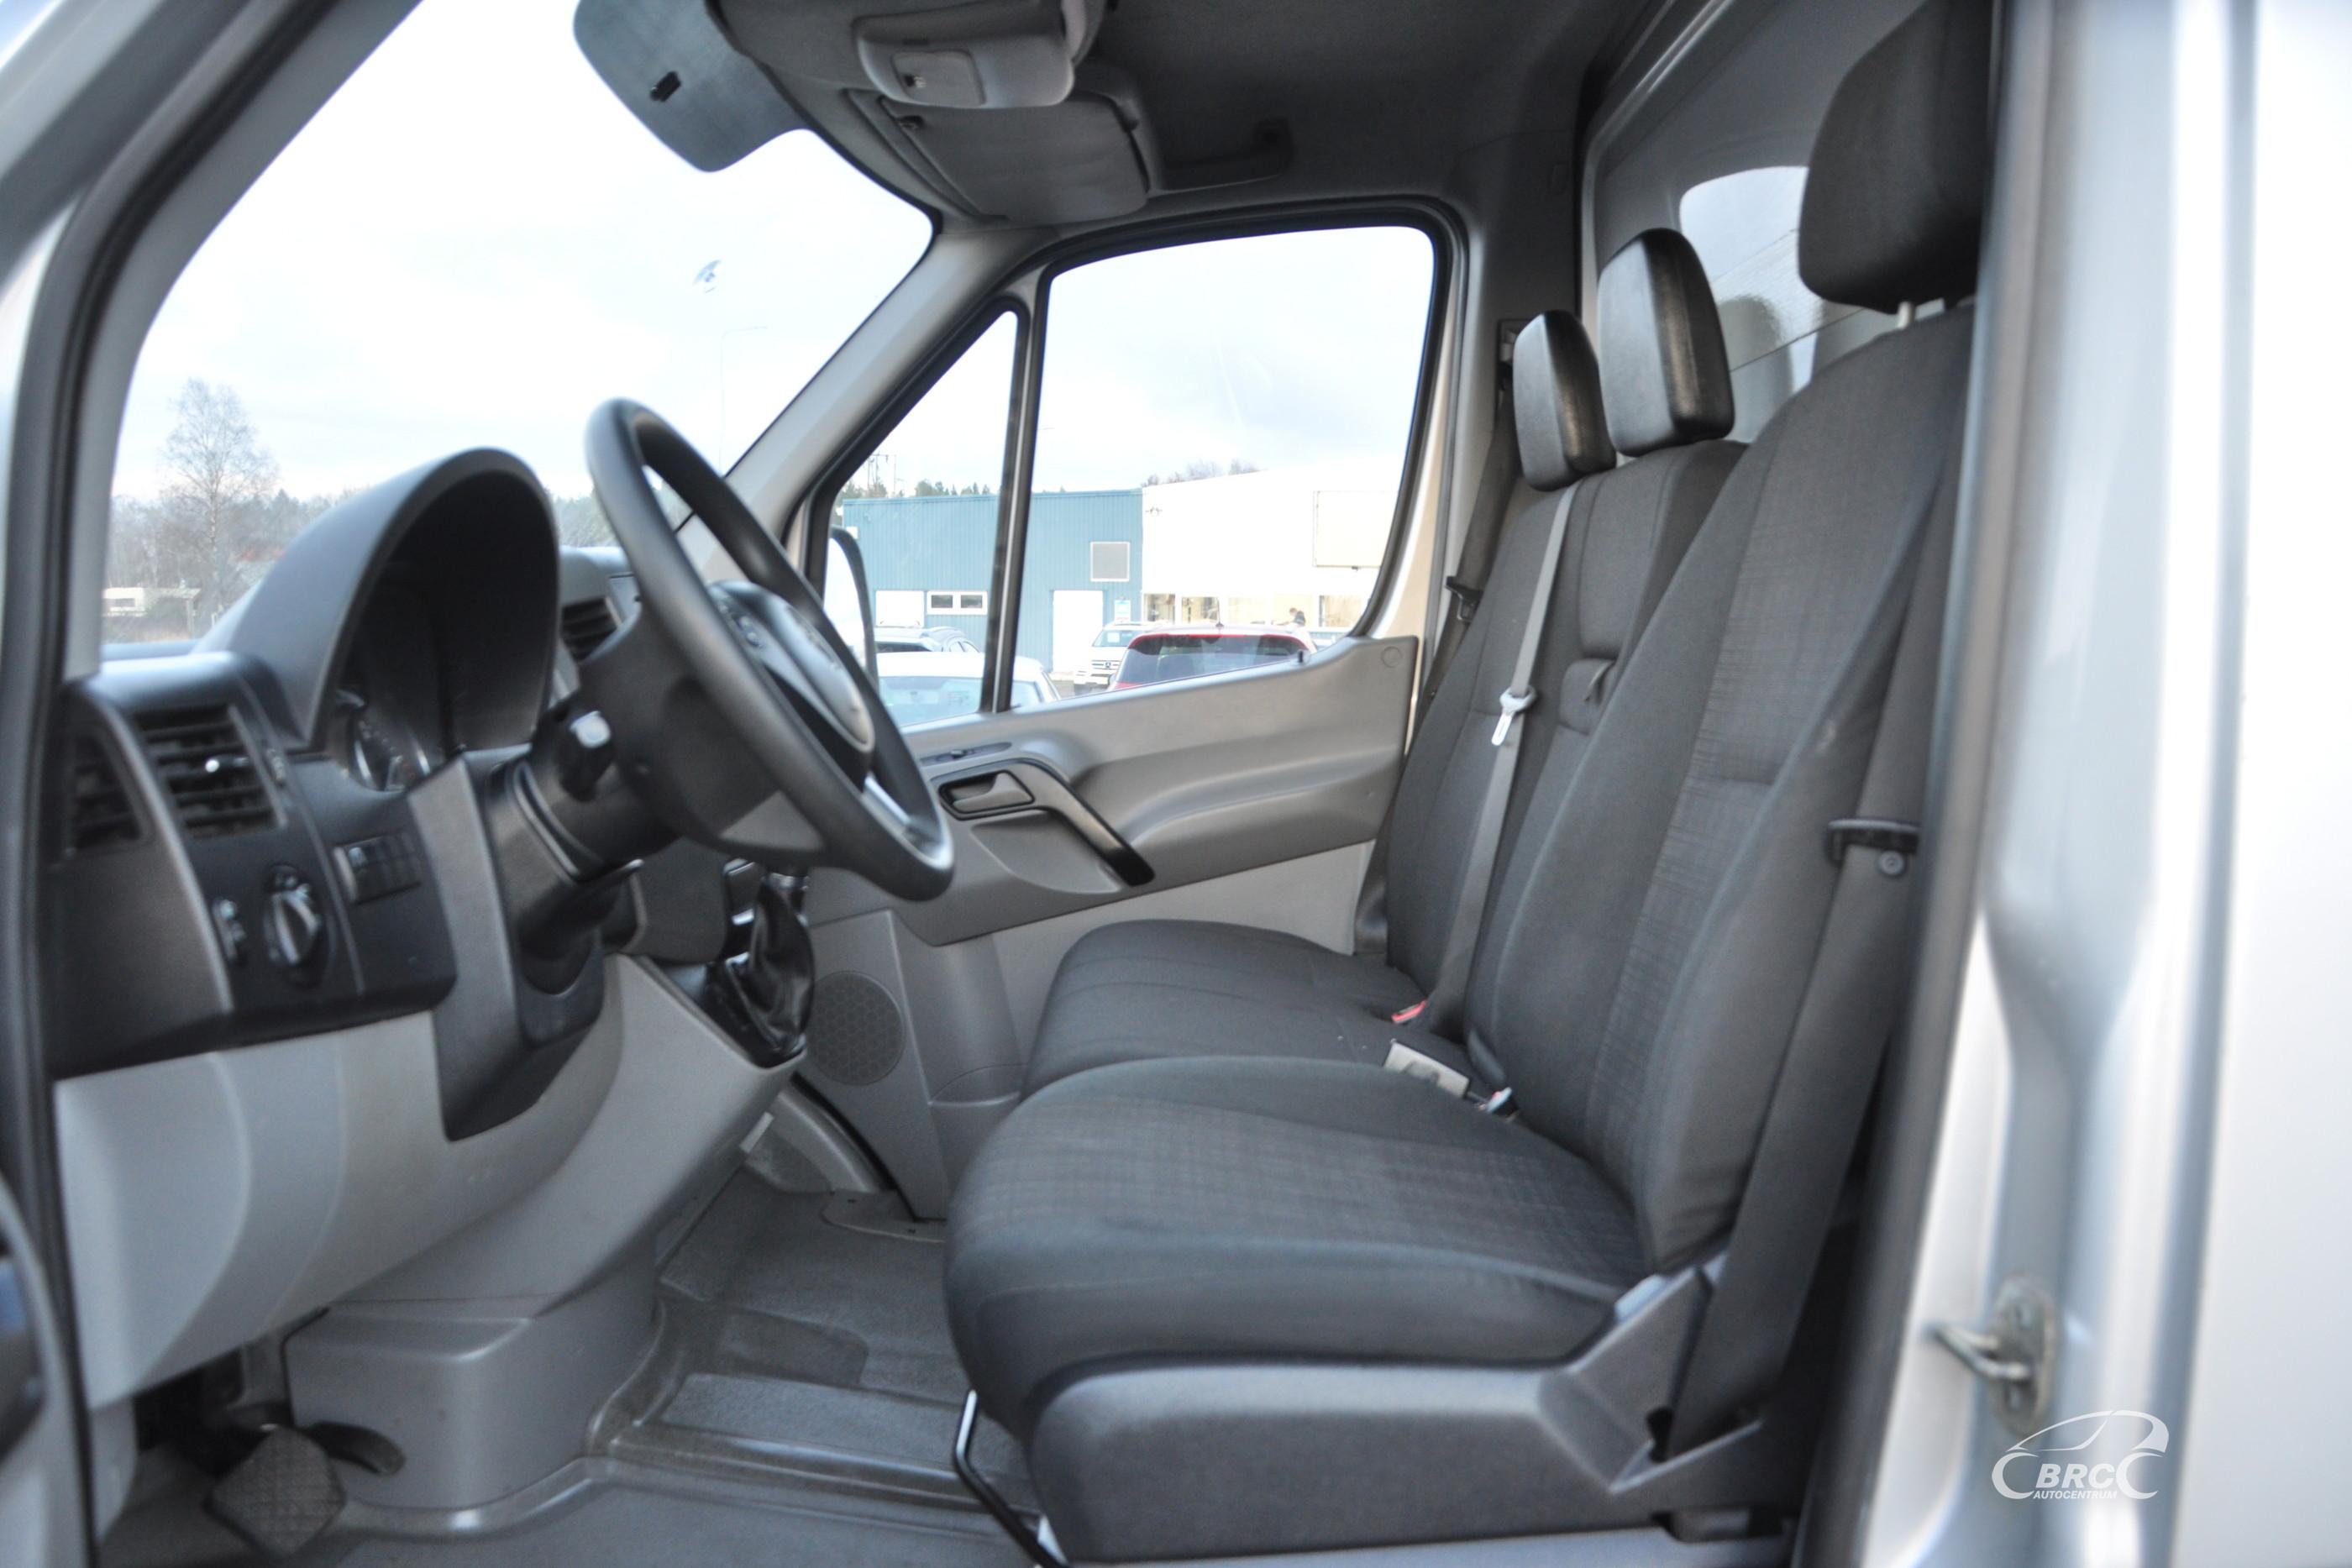 Mercedes-Benz Sprinter 313 CDI Automatas